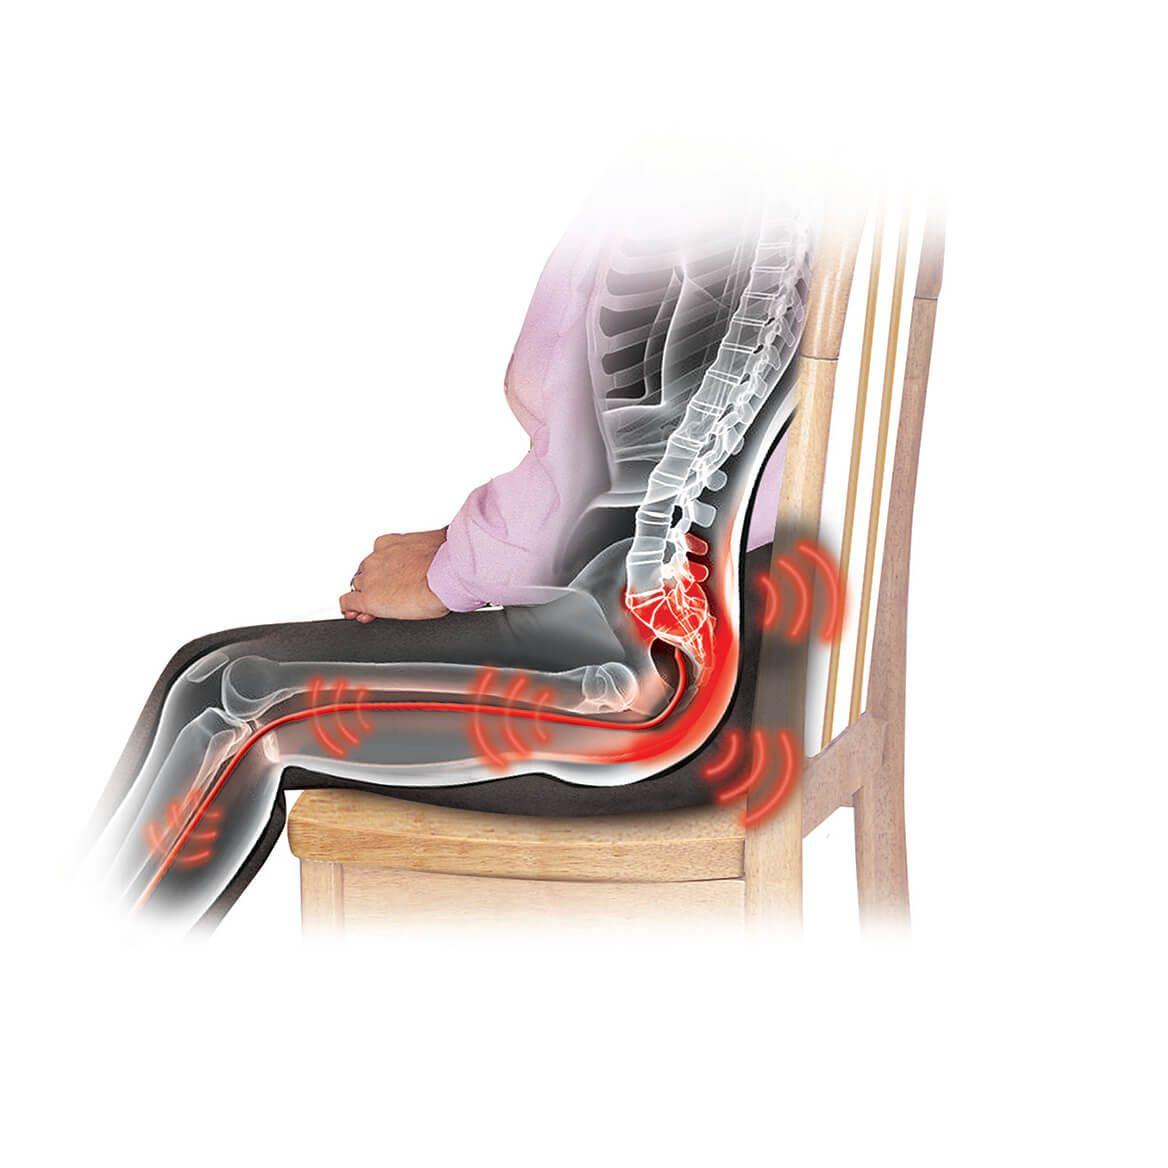 Therapeutic Sciatica Pillow-370108